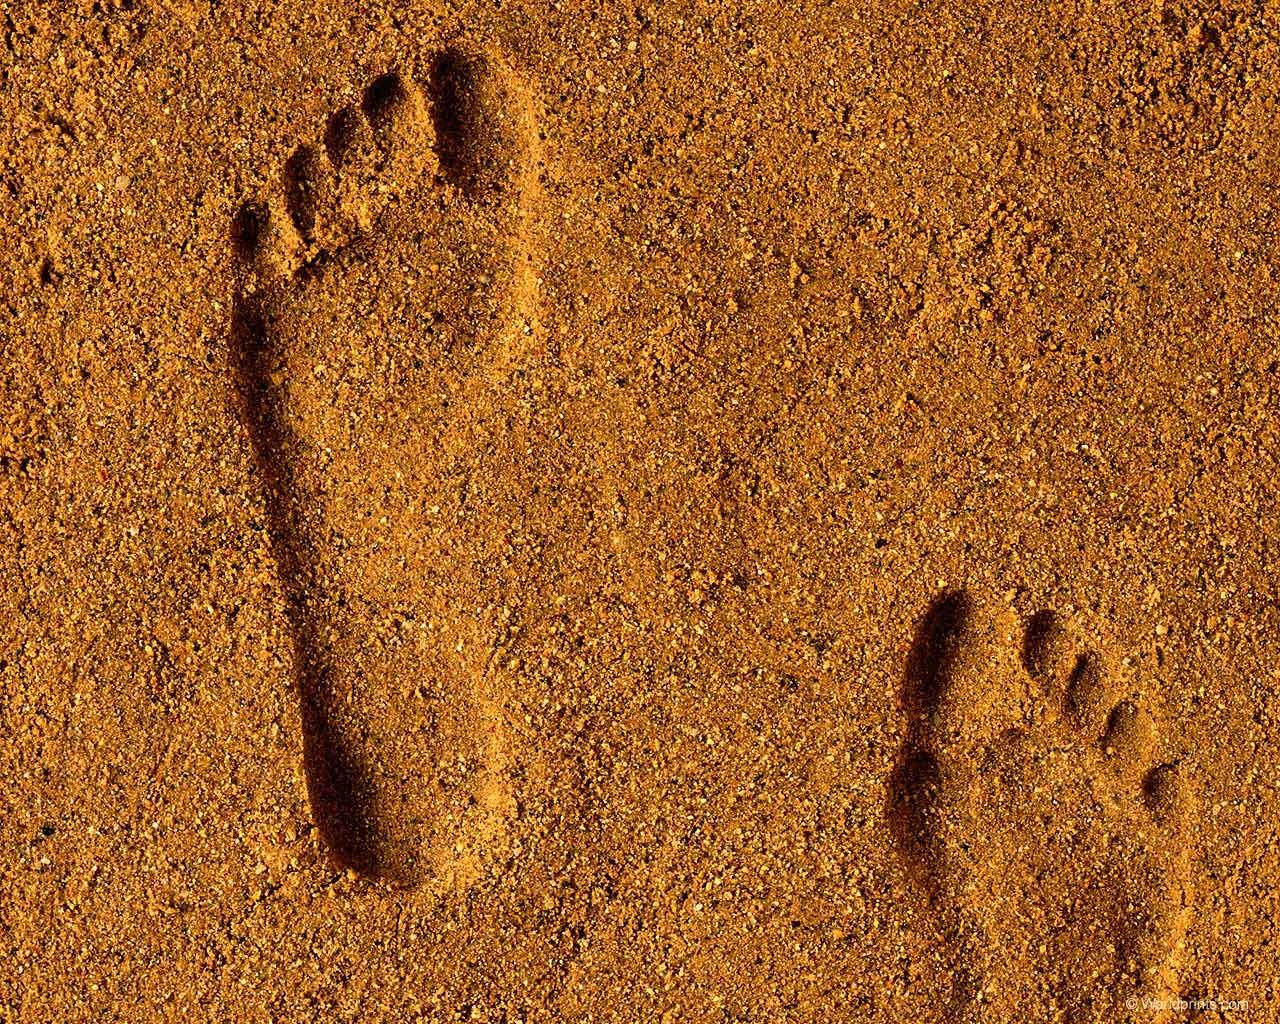 Ученые отыскали наКрите многовековой след стопы человека